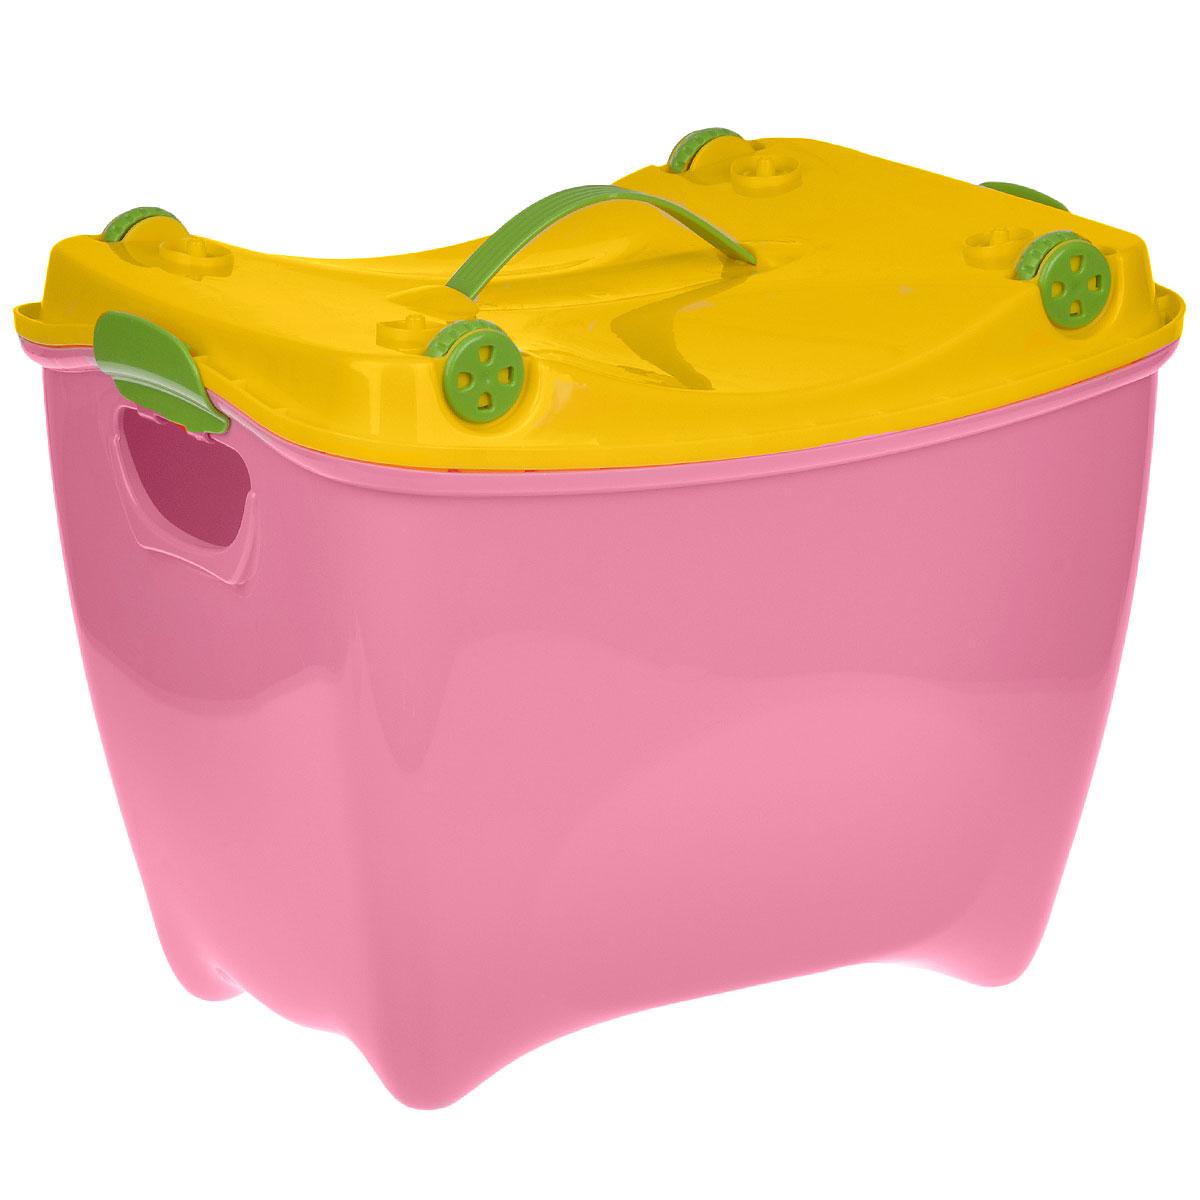 Ящик детский Супер-Пупер, цвет: розовыйМ 2599 розДетский вместительный ящик Супер-Пупер, выполненный из яркого полипропилена, позволит выгодно организовать пространство детской комнаты. Его можно использовать в качестве ящика для хранения, табурета, вагончика, колыбельки для кукол и чемодана.Ящик закрывается крышкой, дополненной четырьмя колесиками, благодаря чему ребенок сможет его перевозить, поставив на крышку и толкая ящик перед собой. Крышка оснащена ручкой для переноски.Ящик детский Супер-Пупер прекрасно впишется в интерьер любой детской комнаты.